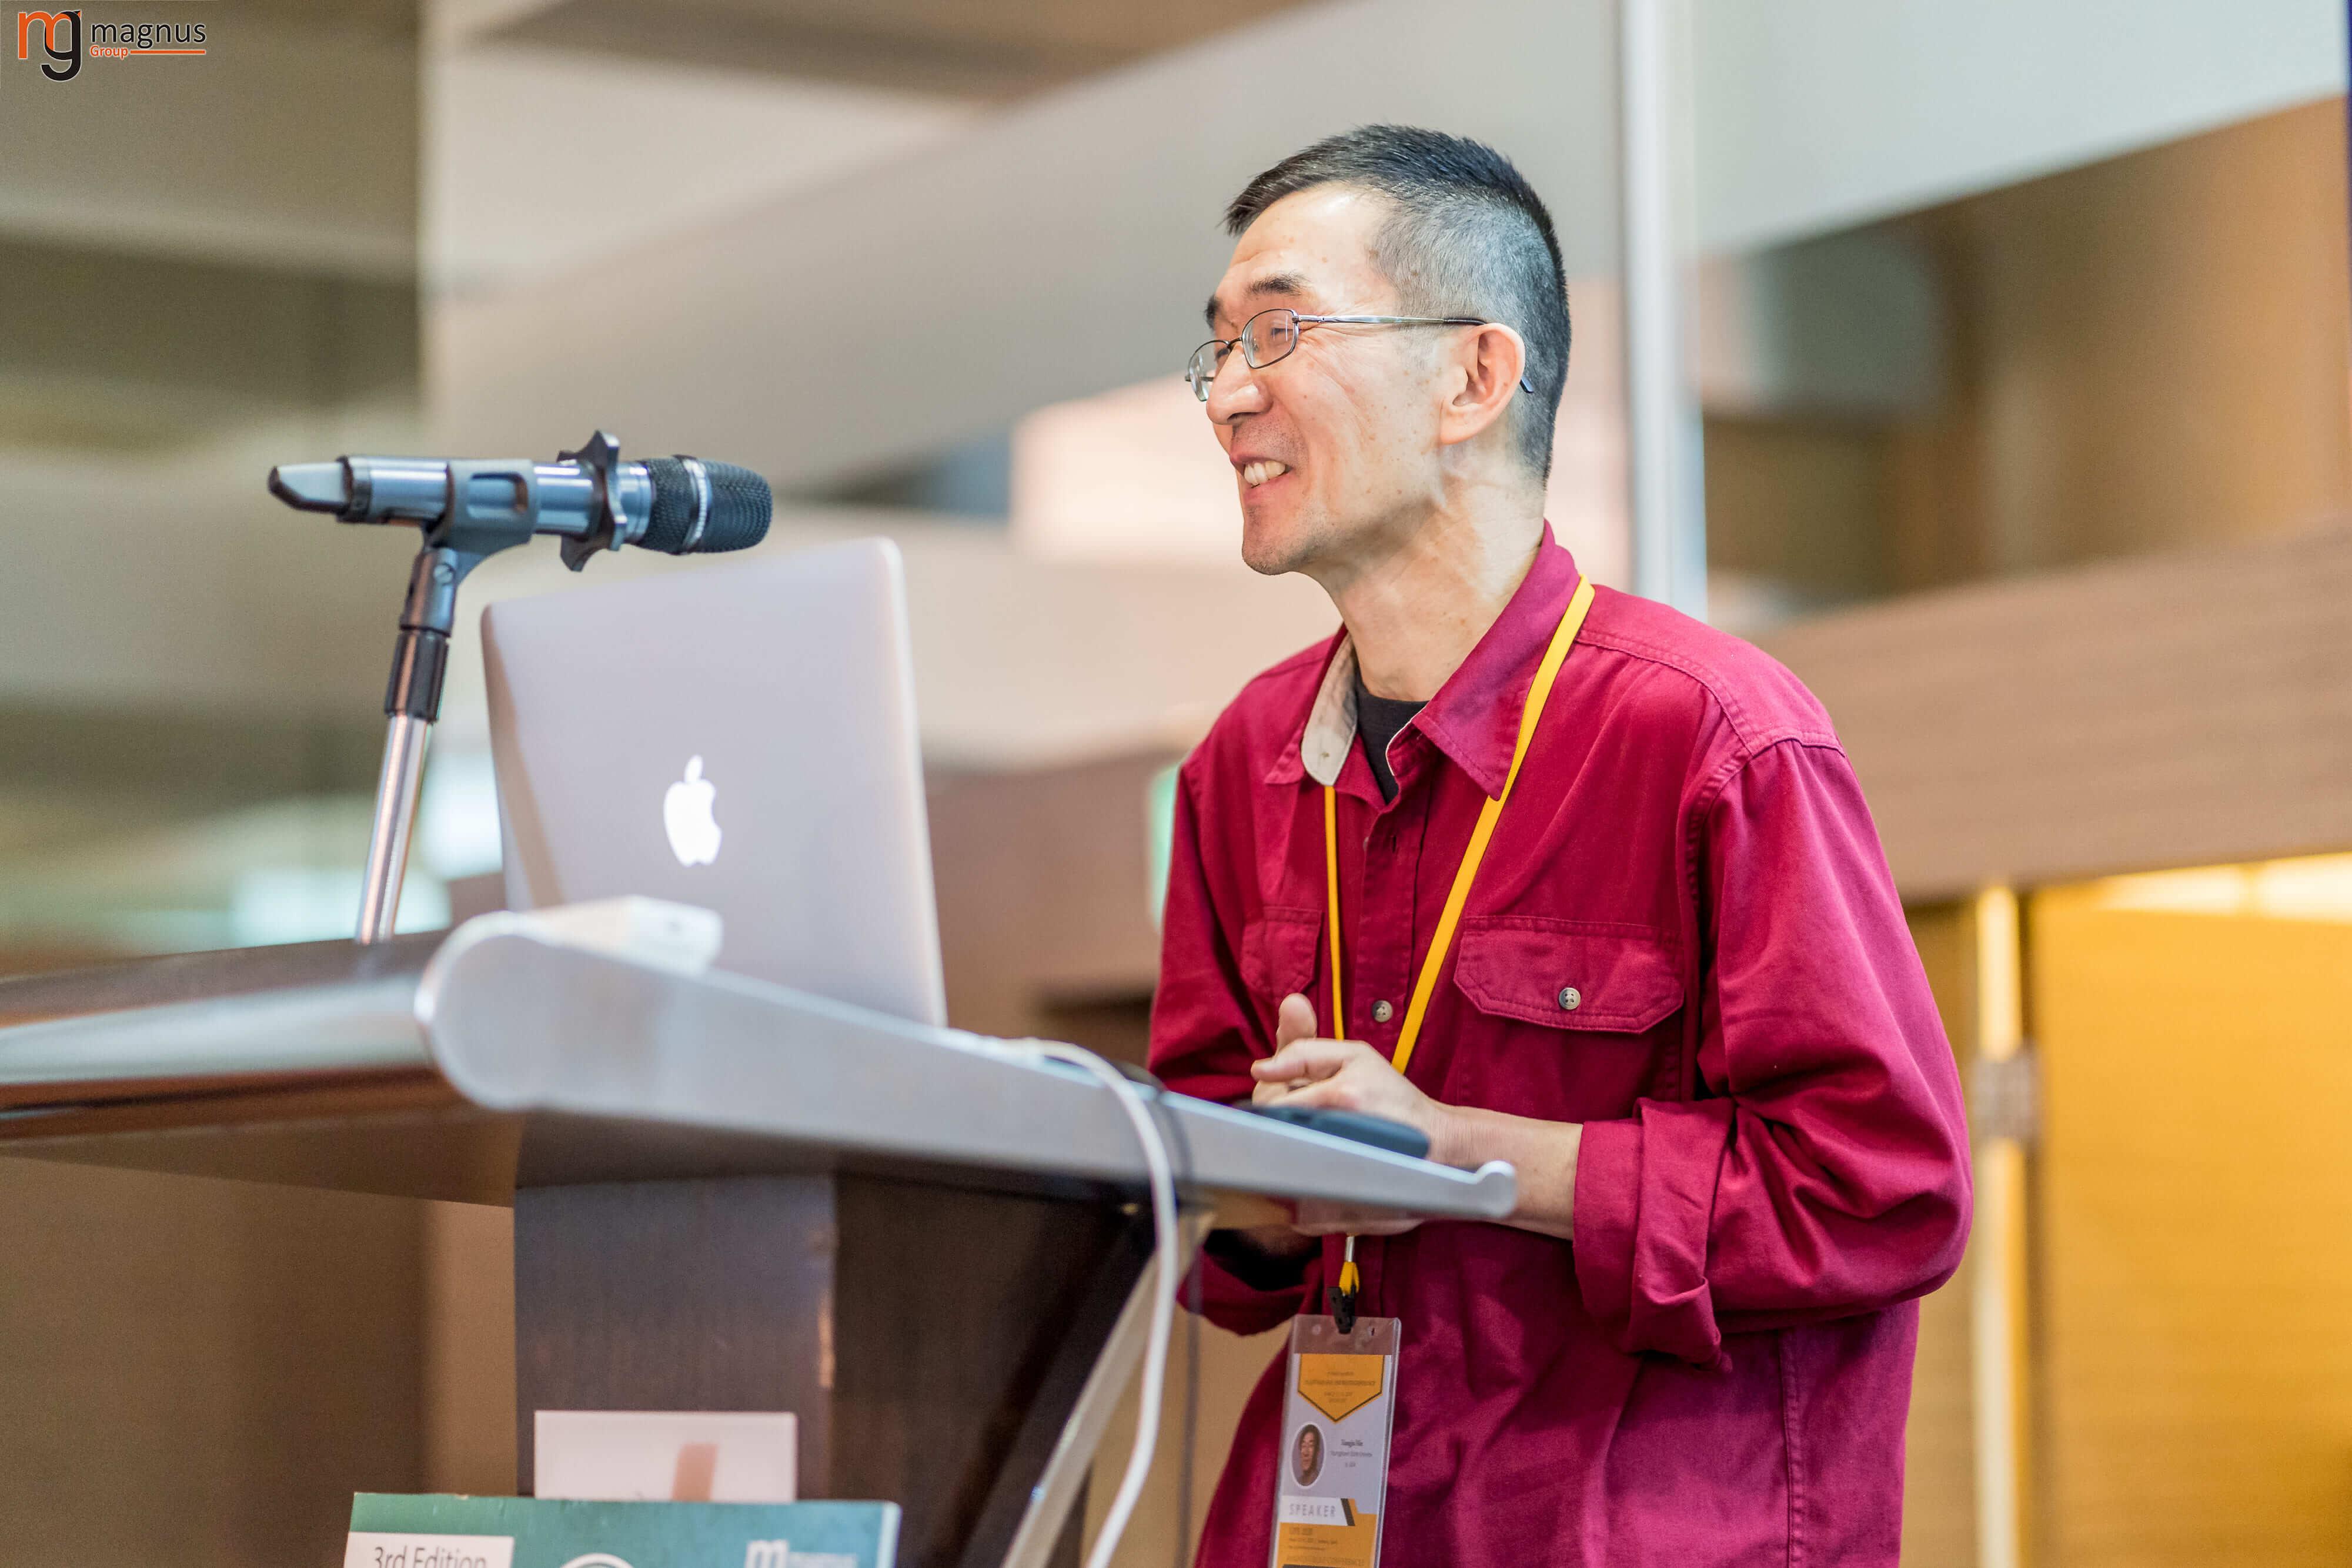 Plant Biology Conferences 2019